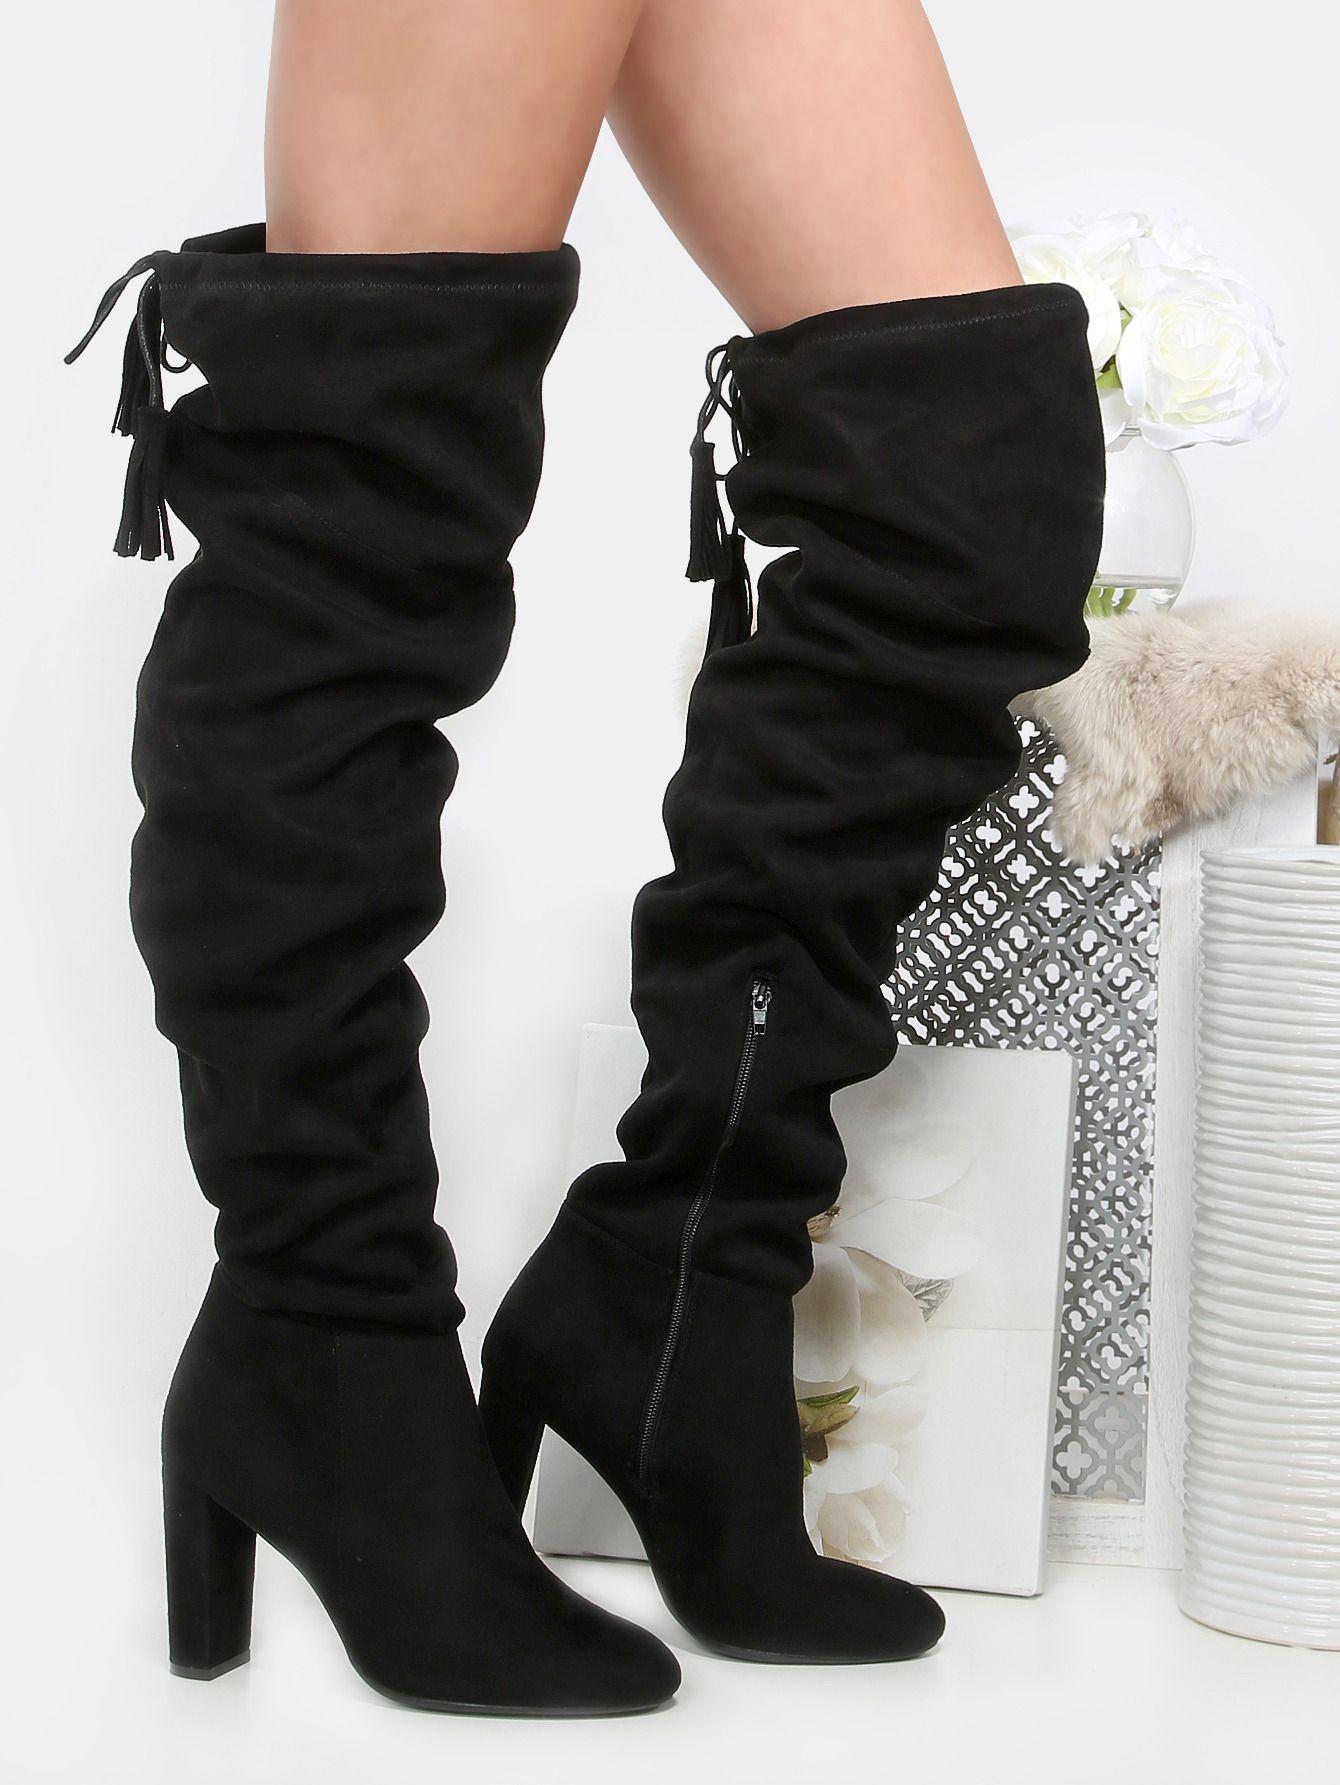 835adb3f7f Tassel Tie Thigh High Boots BLACK -SheIn(Sheinside) | Accessory ...